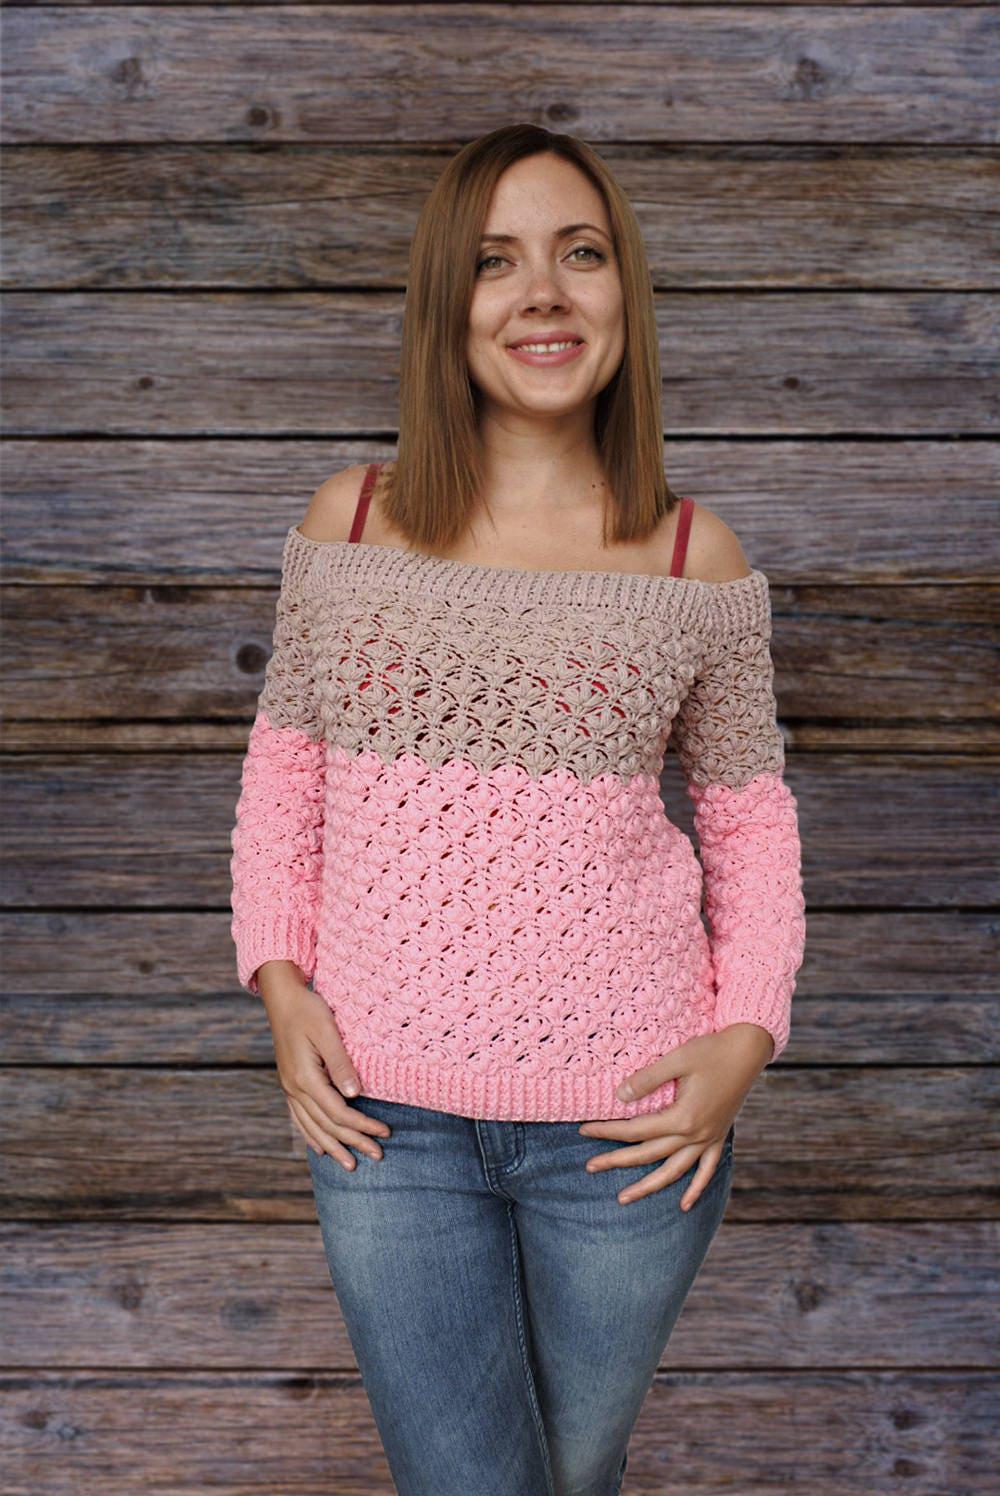 Crochet pattern pdf crochet sweater pattern crochet zoom bankloansurffo Choice Image